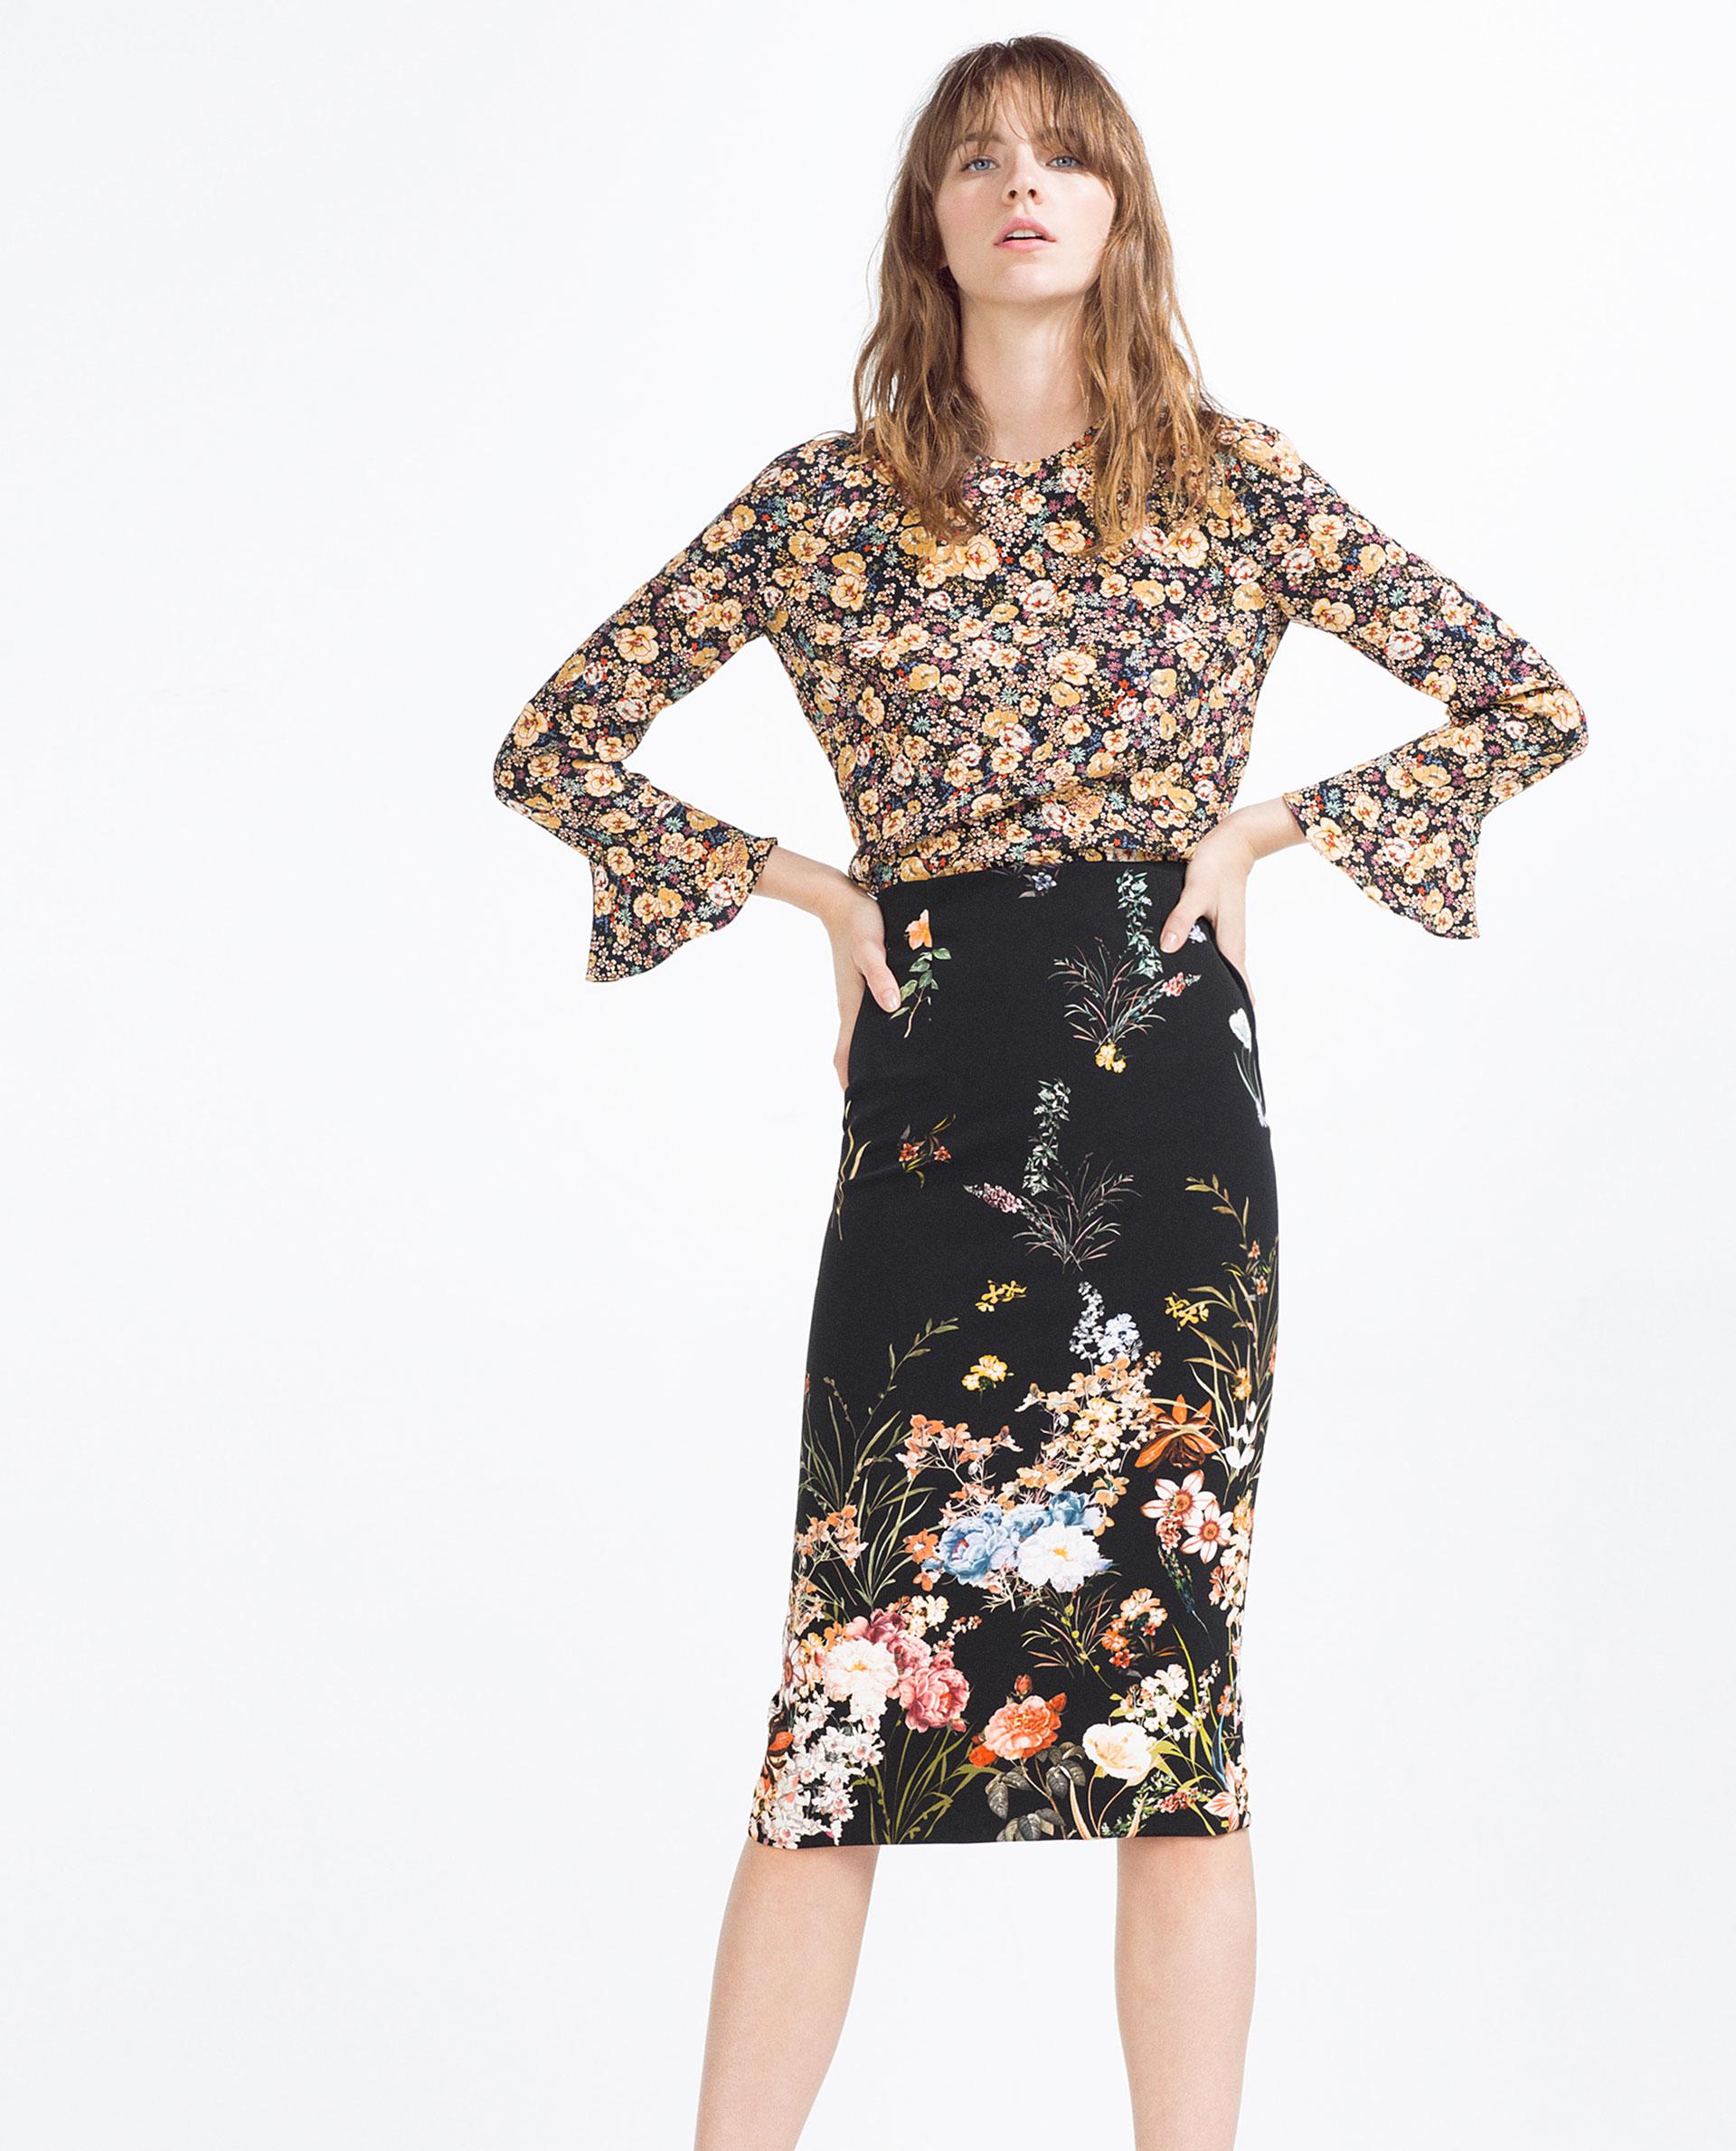 flowered pencil skirt dress ala